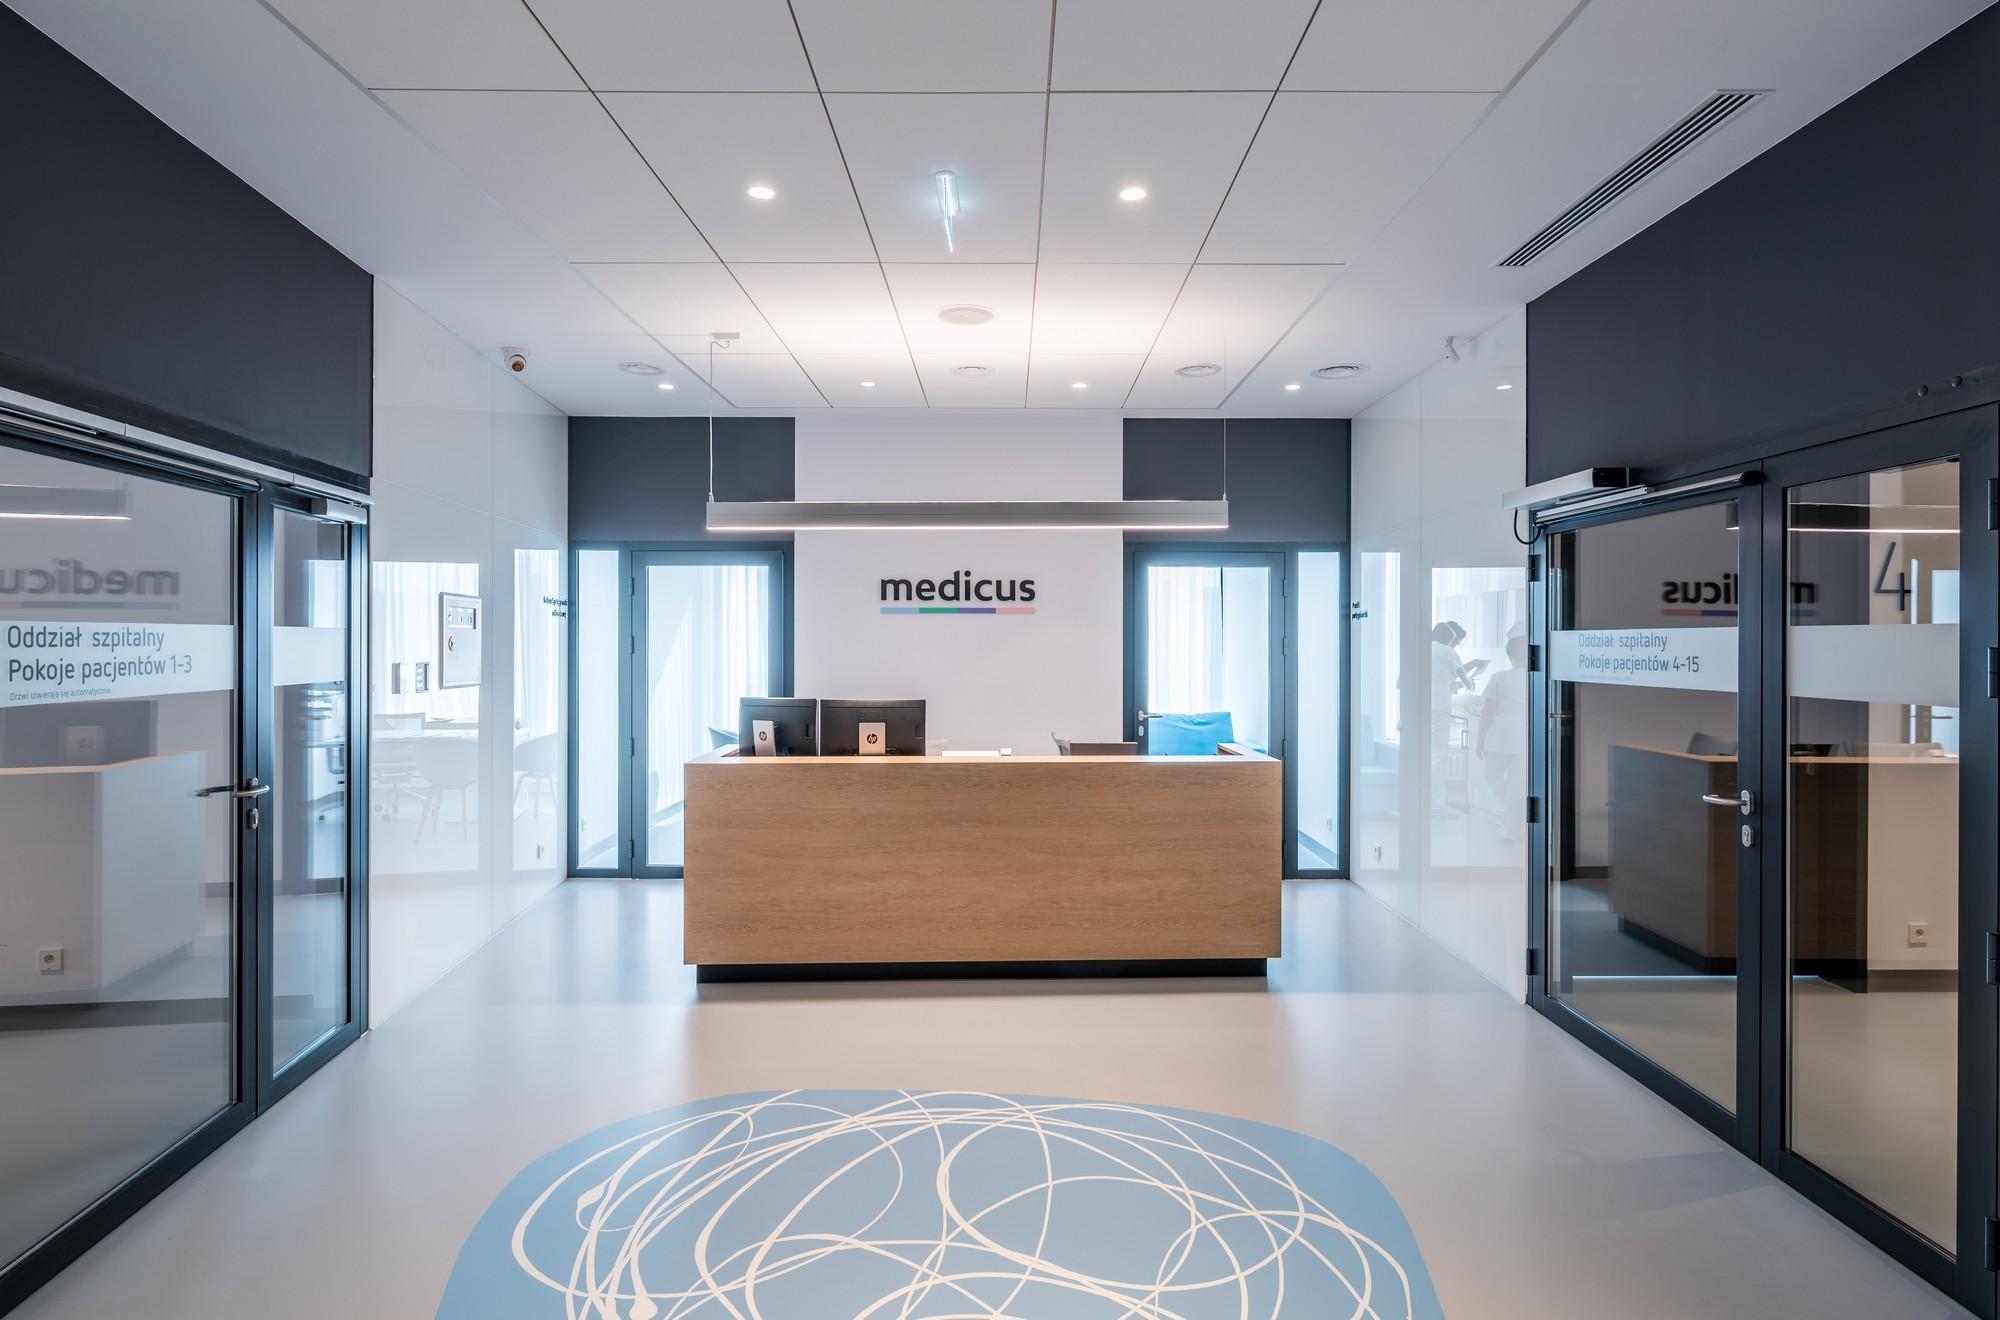 Centrum chirurgii i estetyki twarzy recepcja medicus we Wrocławiu